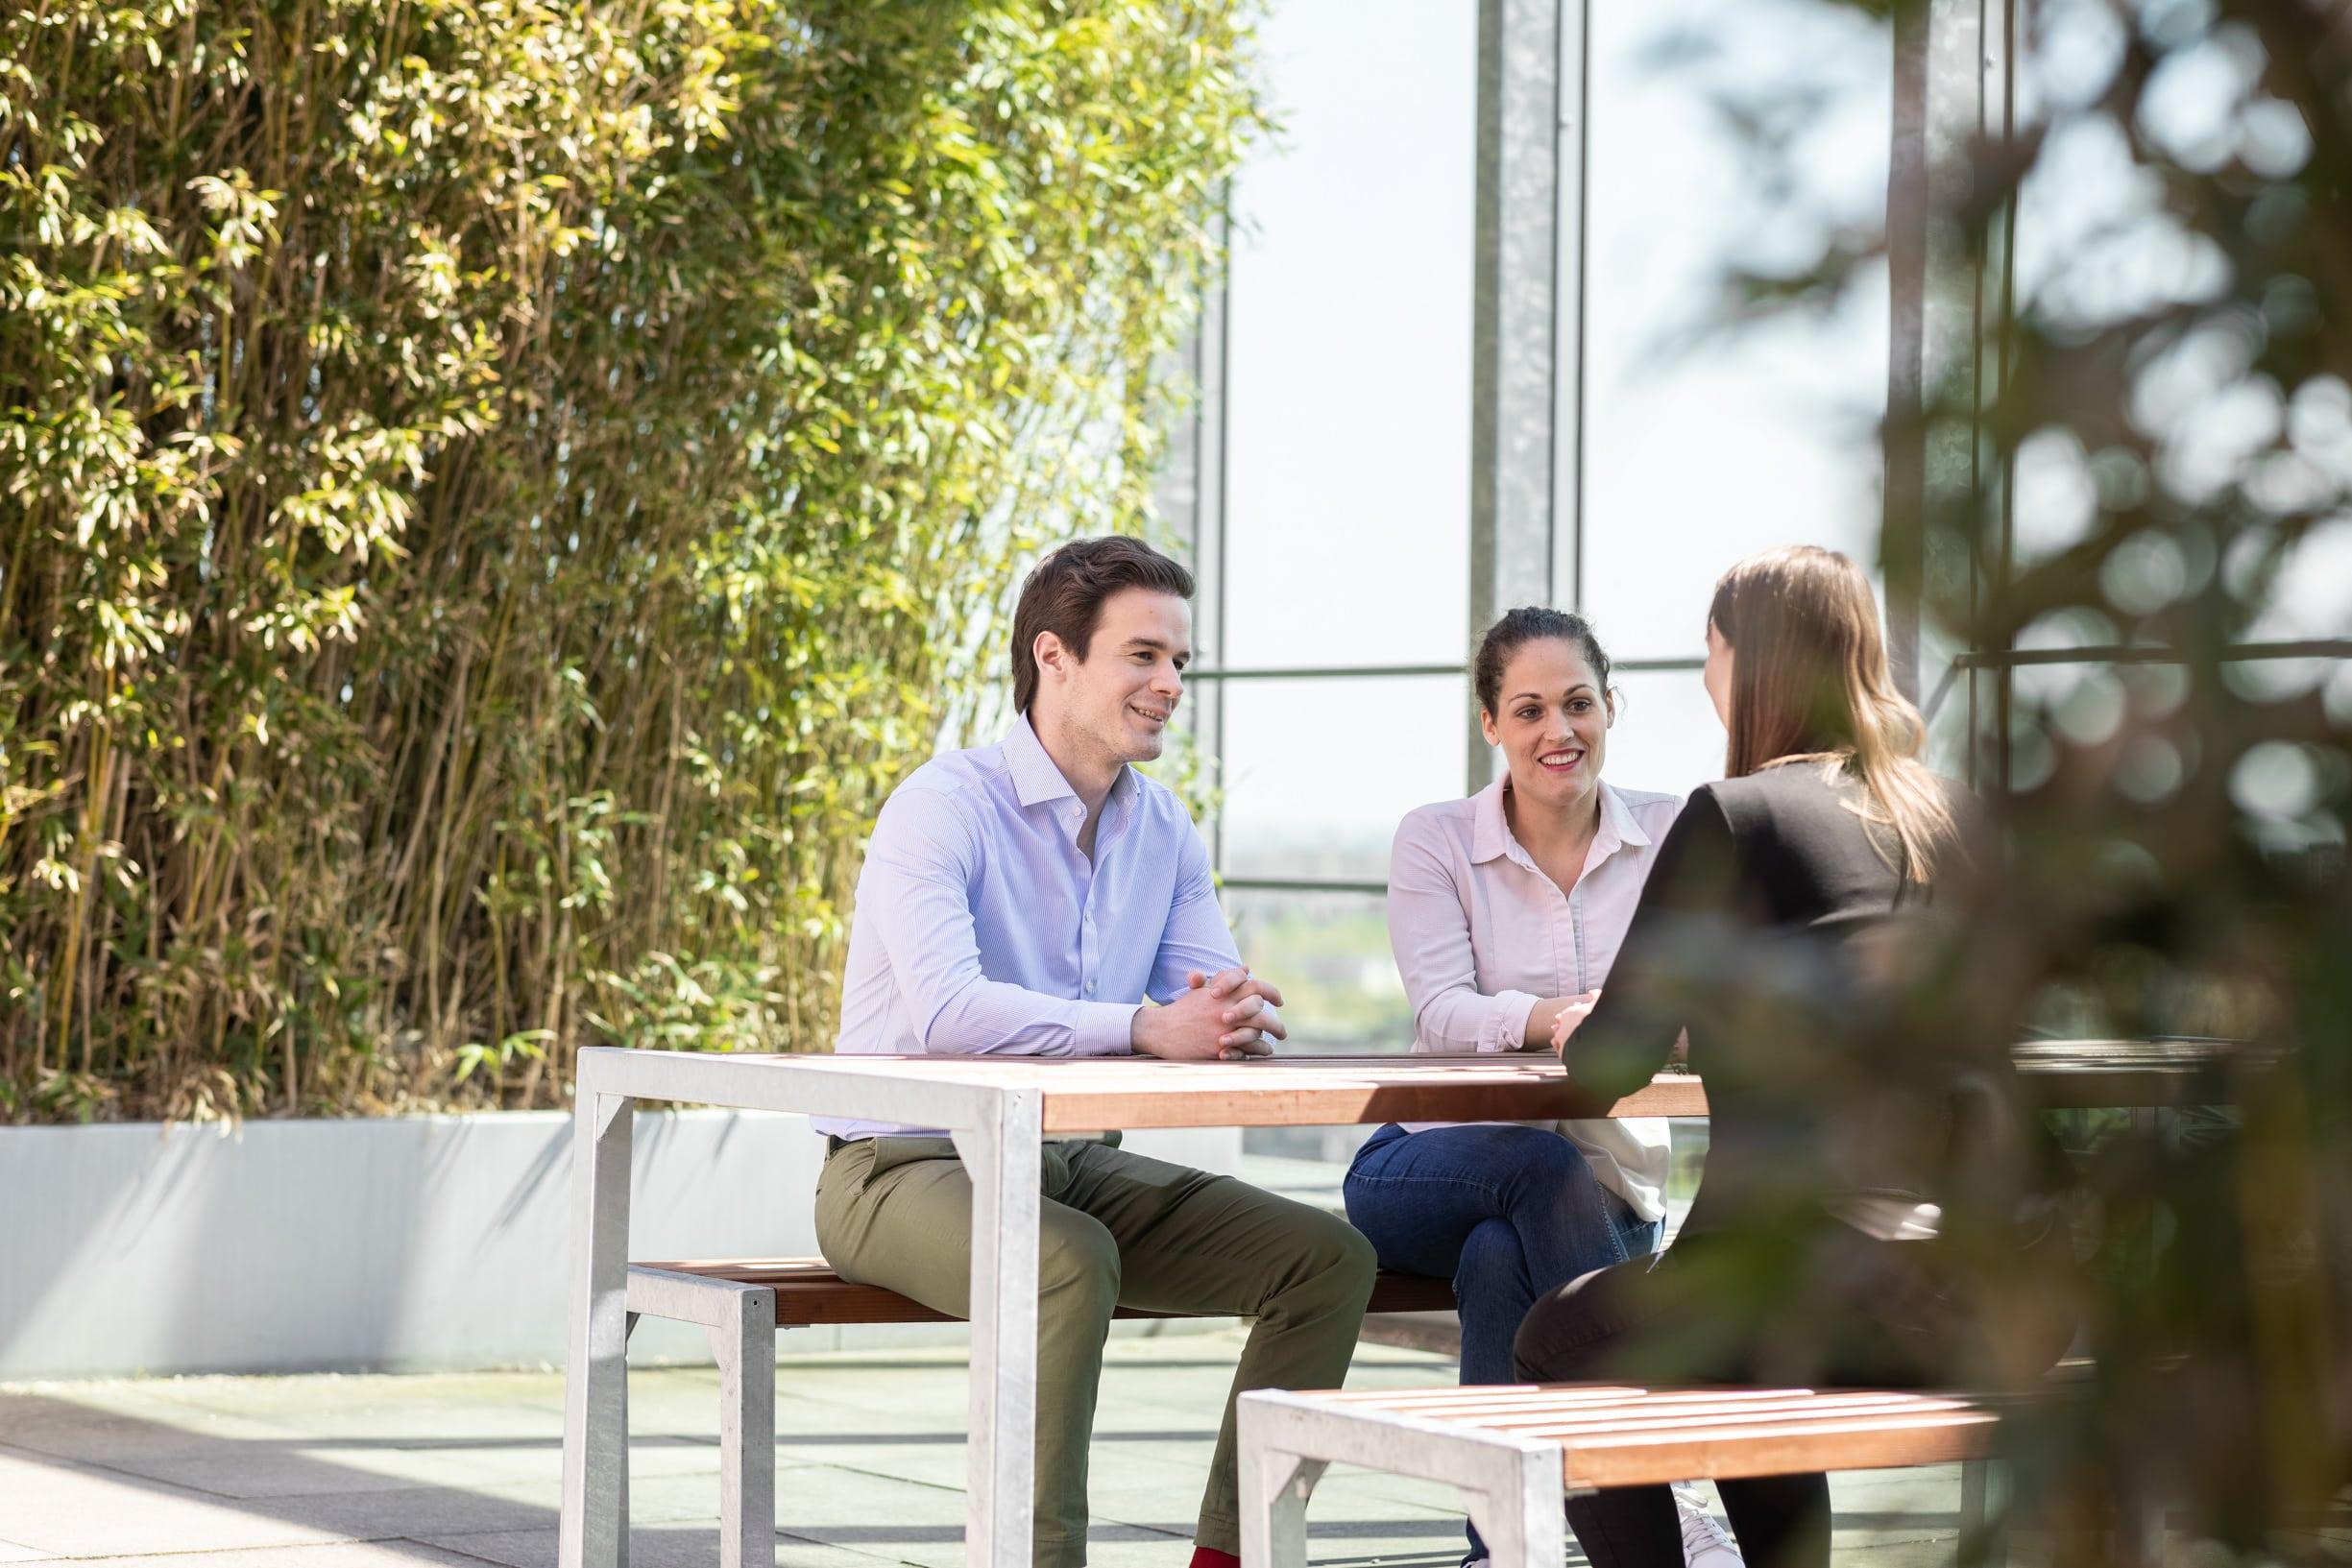 Eine Gruppe von Menschen sitzt an einem Tisch und unterhält sich